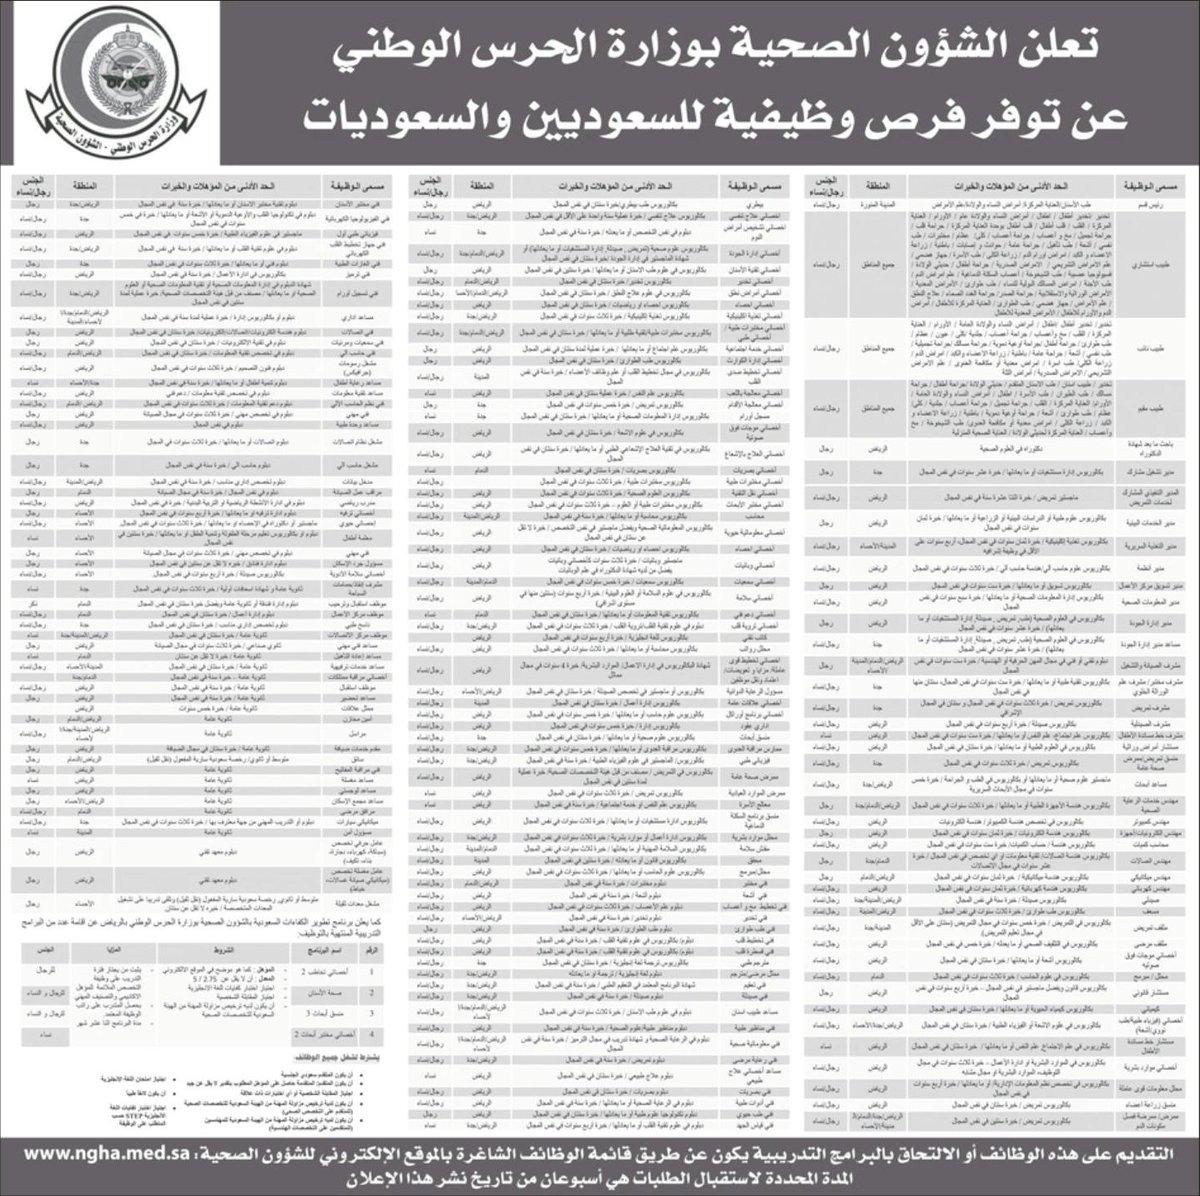 تعلن الشؤون الصحية بوزارة الحرس الوطني عن وظائف للسعوديين و السعوديات بعدد من مناطق المملكة للتقديم : http://eapps.ngha.med.sa/recruitment/AR/vposition.aspx #وظائف_شاغرة #وظائف_نسائيه #وظائف